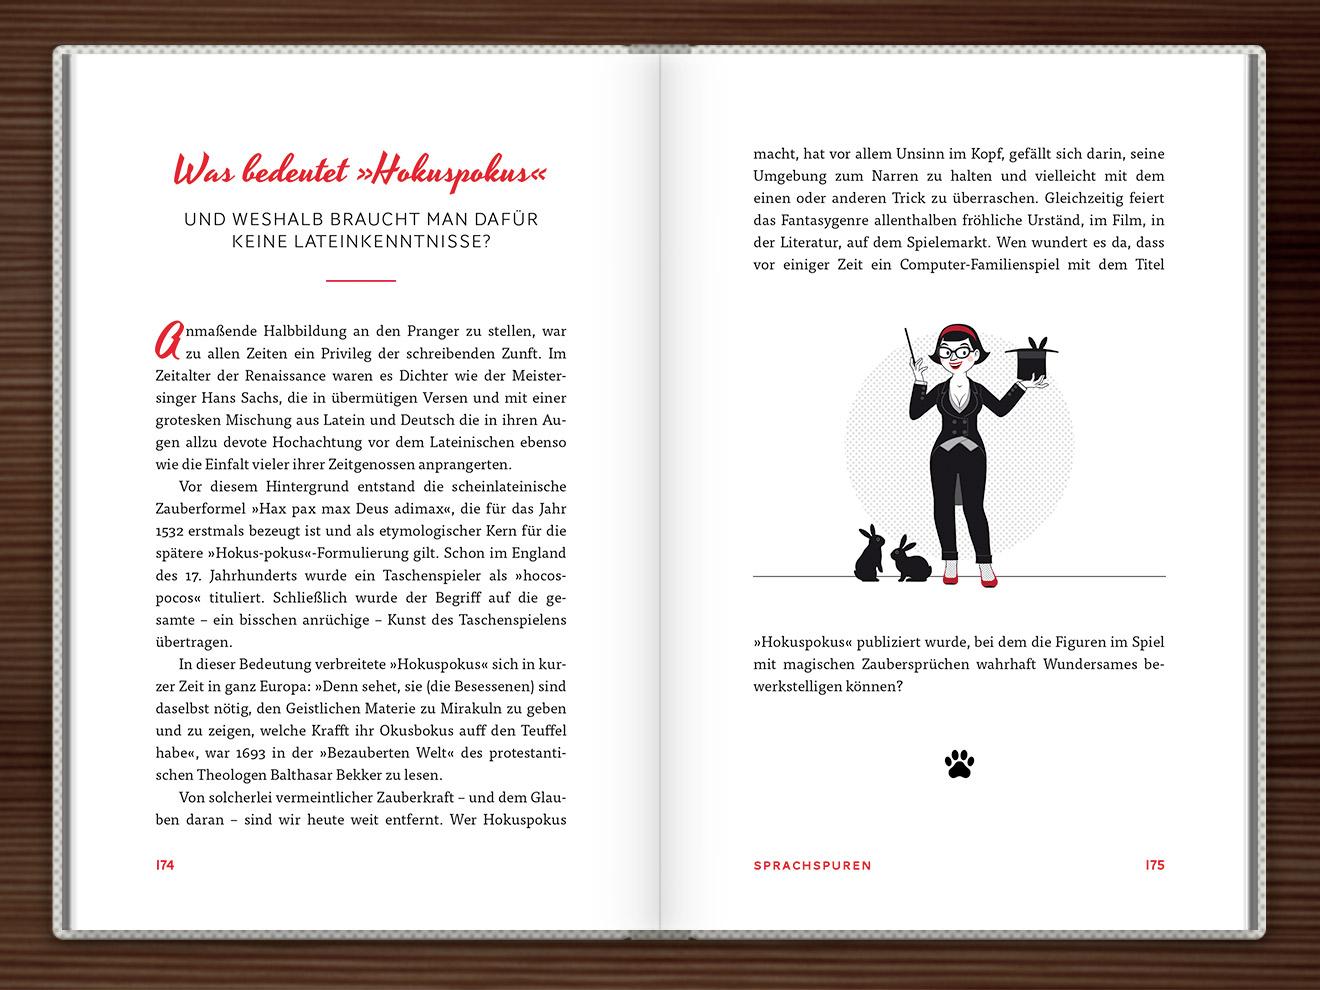 Hokuspokus im Buch Du hast das Wort, Schätzchen! 100 charmante Geschichten rund um die Sprache im Duden Verlag von Rita Mielke mit Illustrationen im Sixties-Stil von Iris Luckhaus